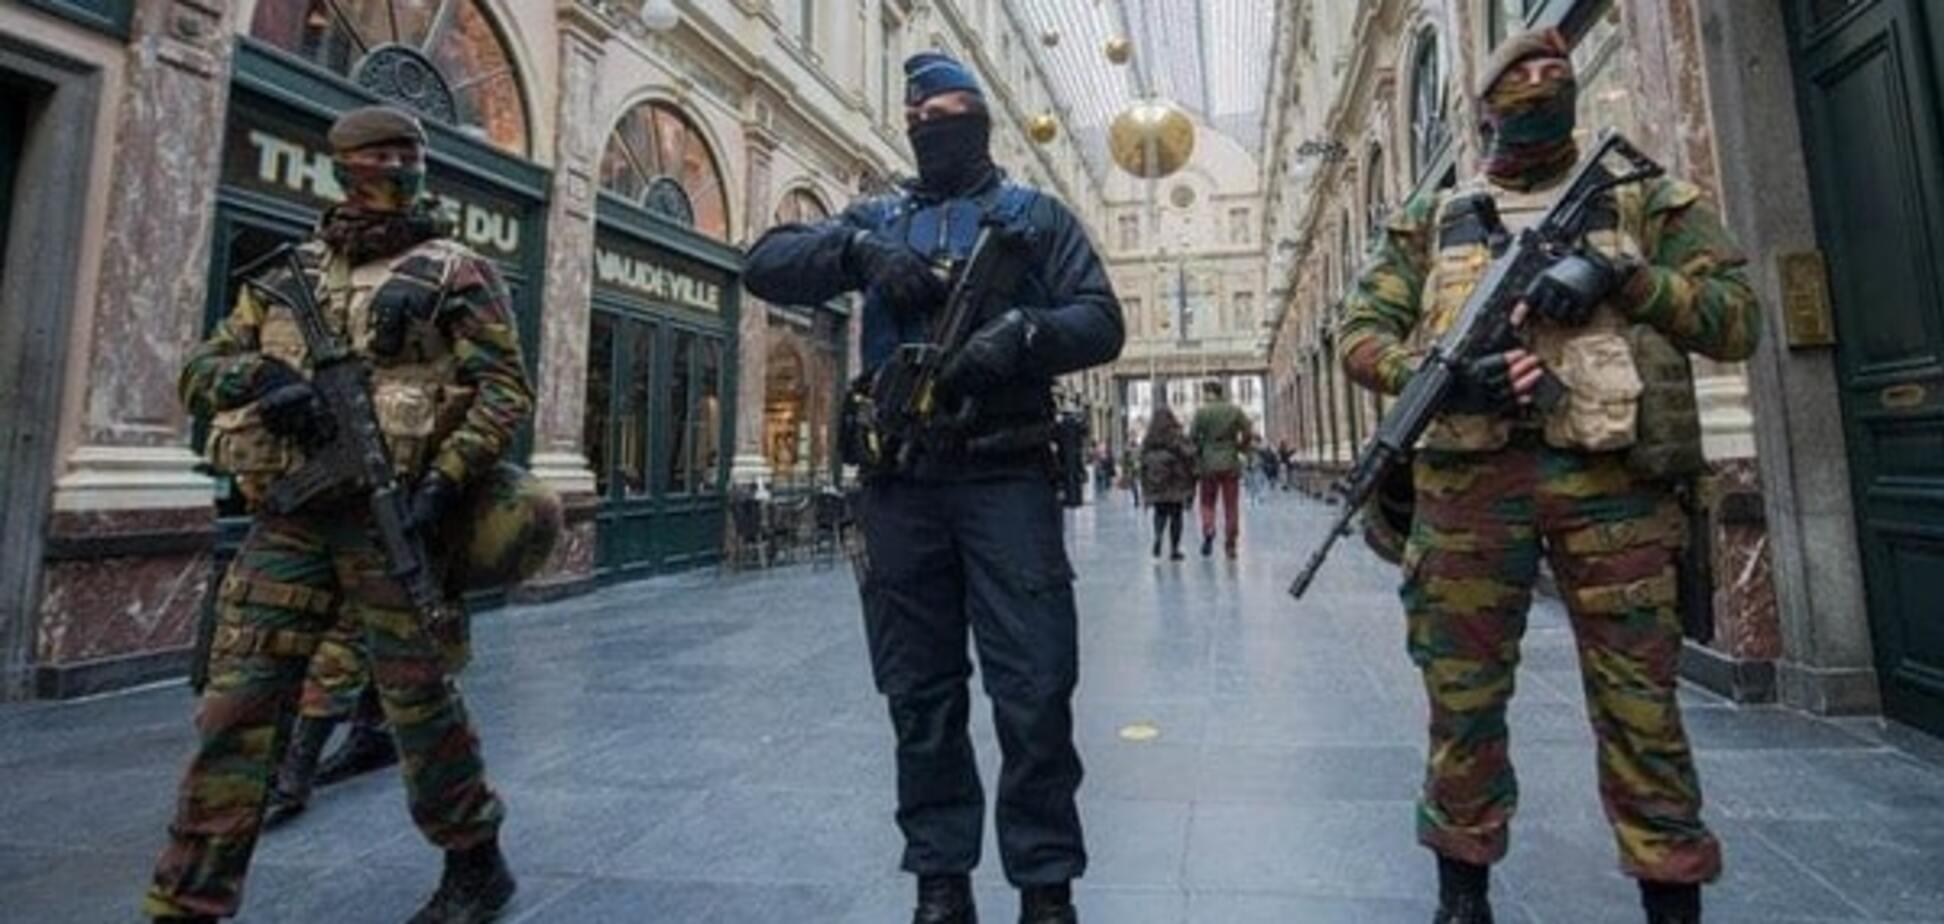 СМИ рассказали о планах экстремистов утопить Брюссель в крови